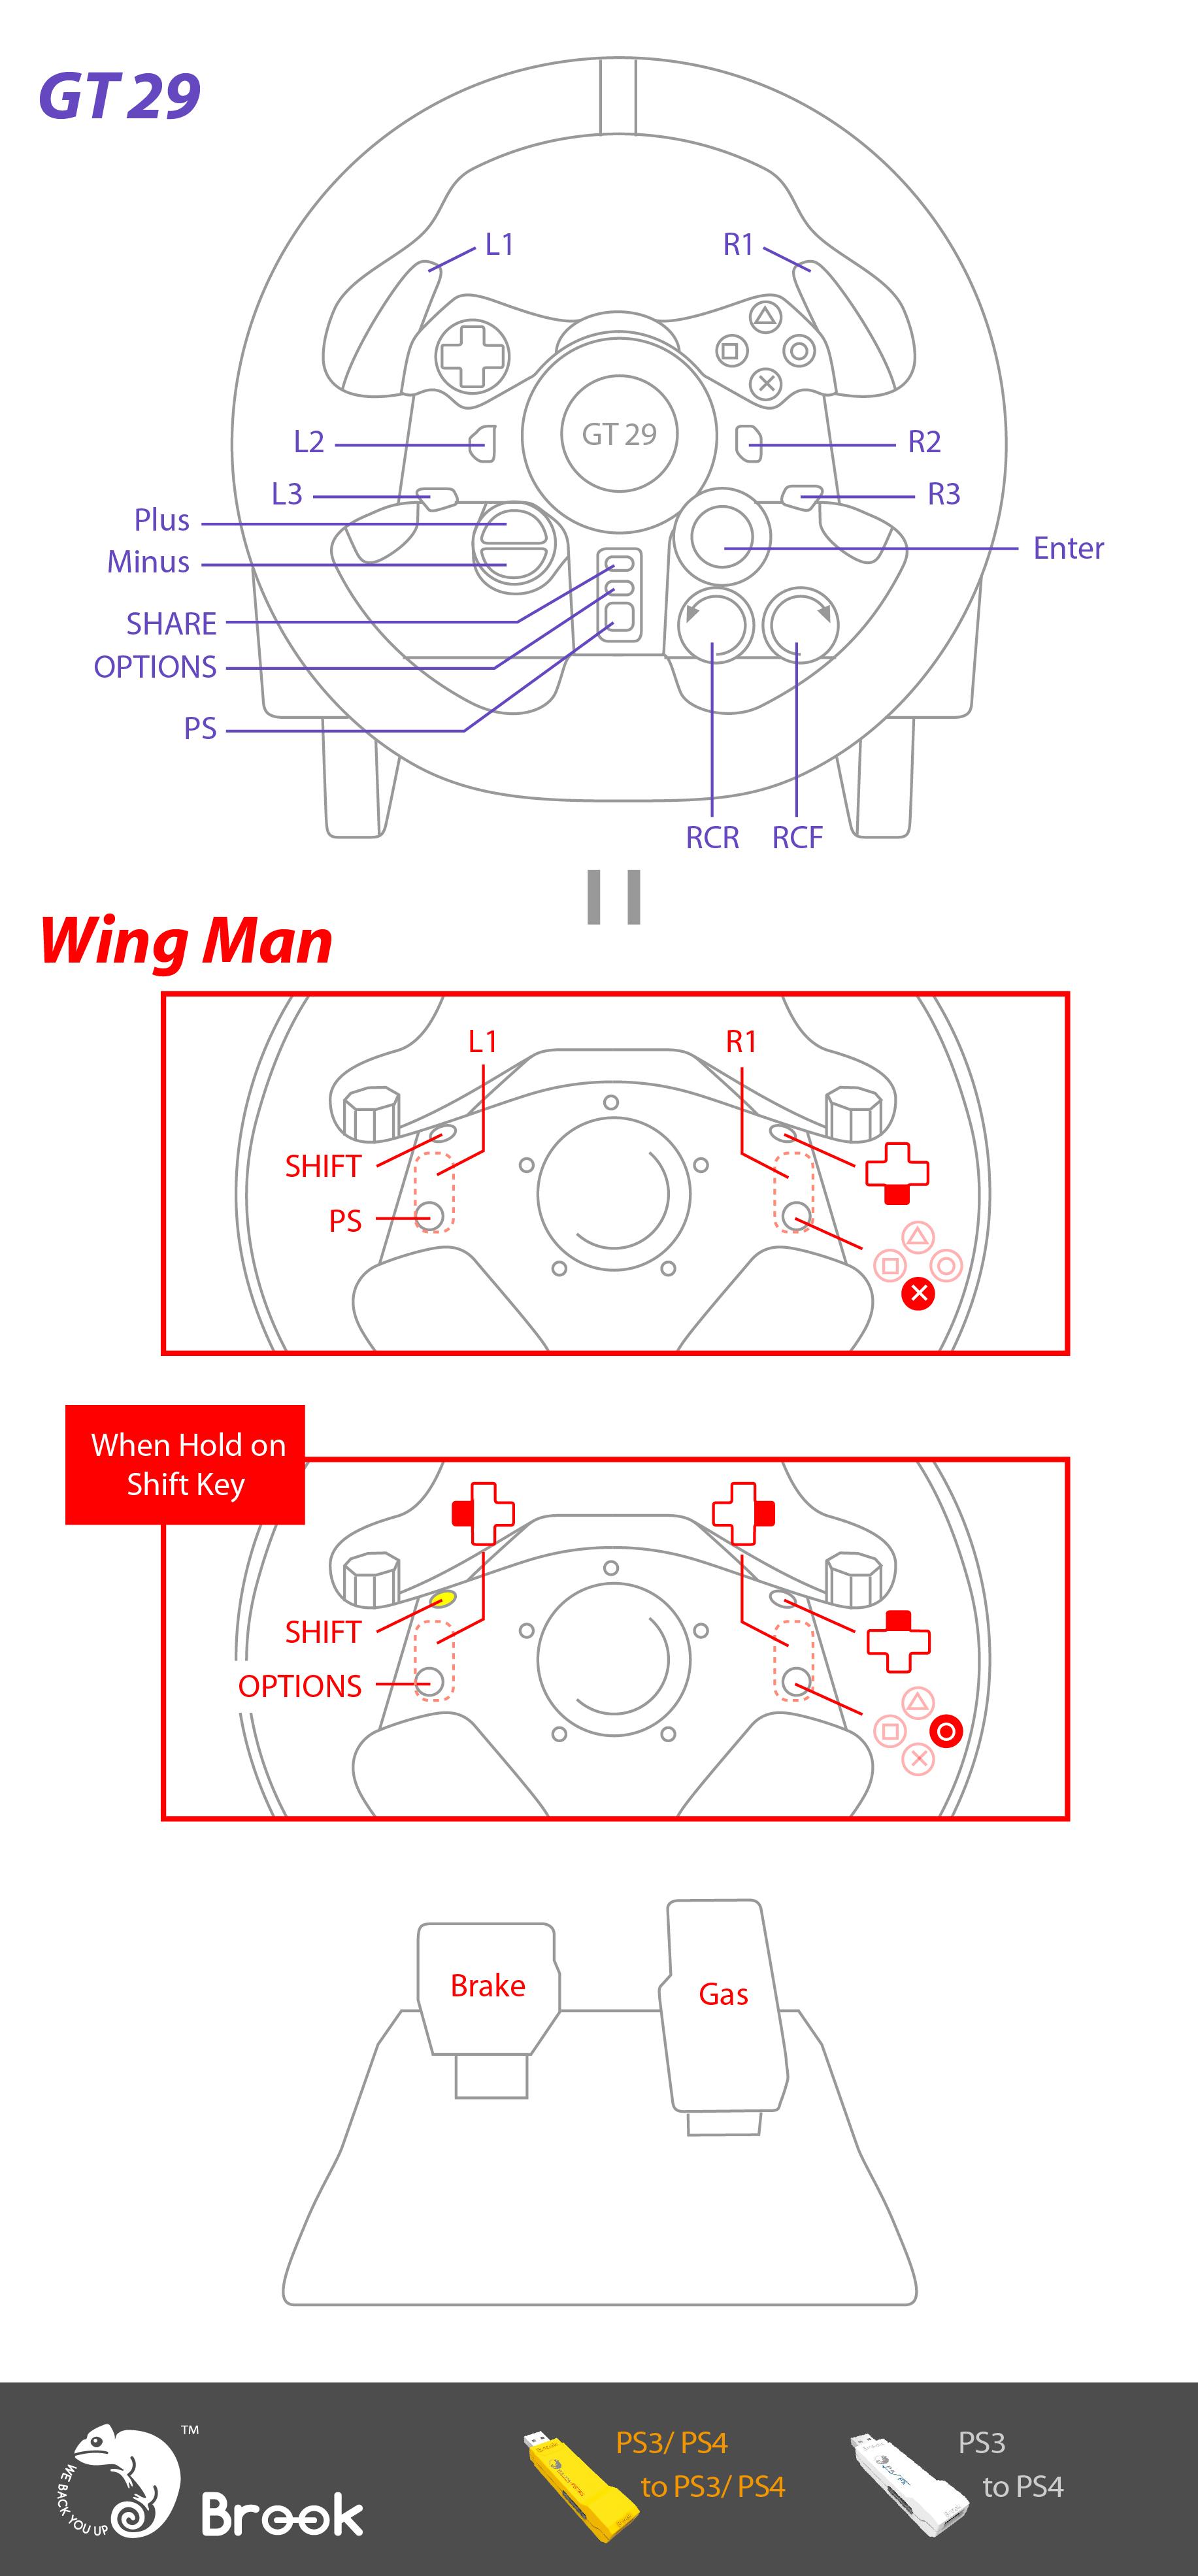 gt29-wing-man.jpg